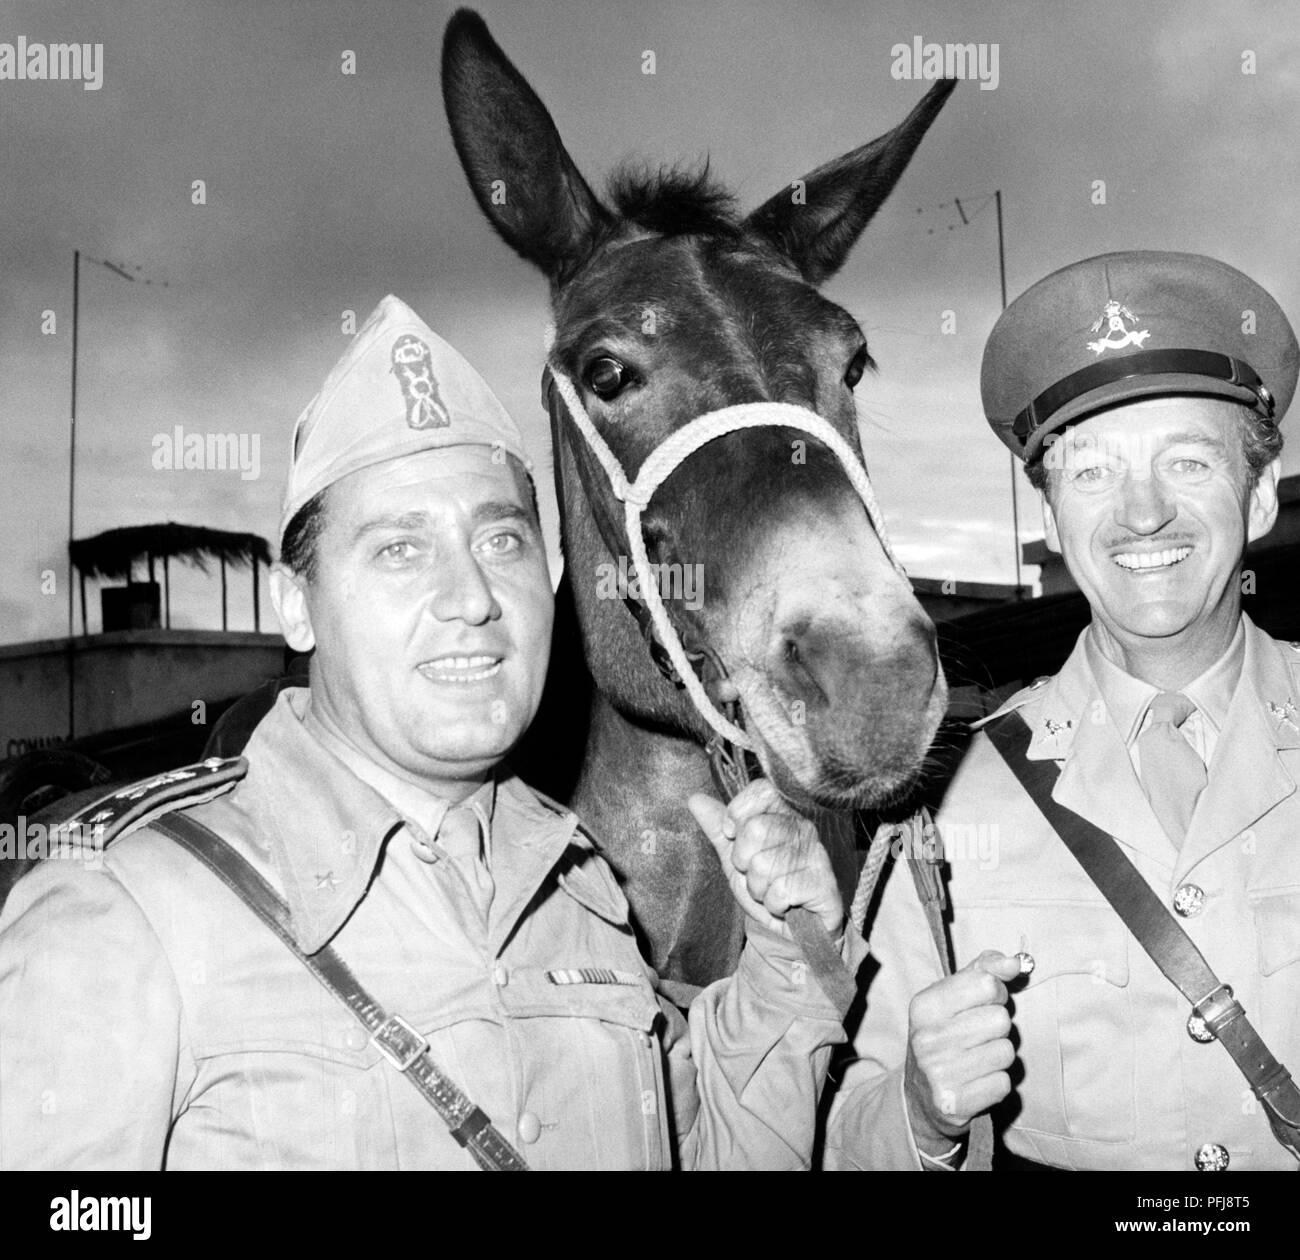 david niven, alberto sordi, in the best of enemies, 1961 Stock Photo